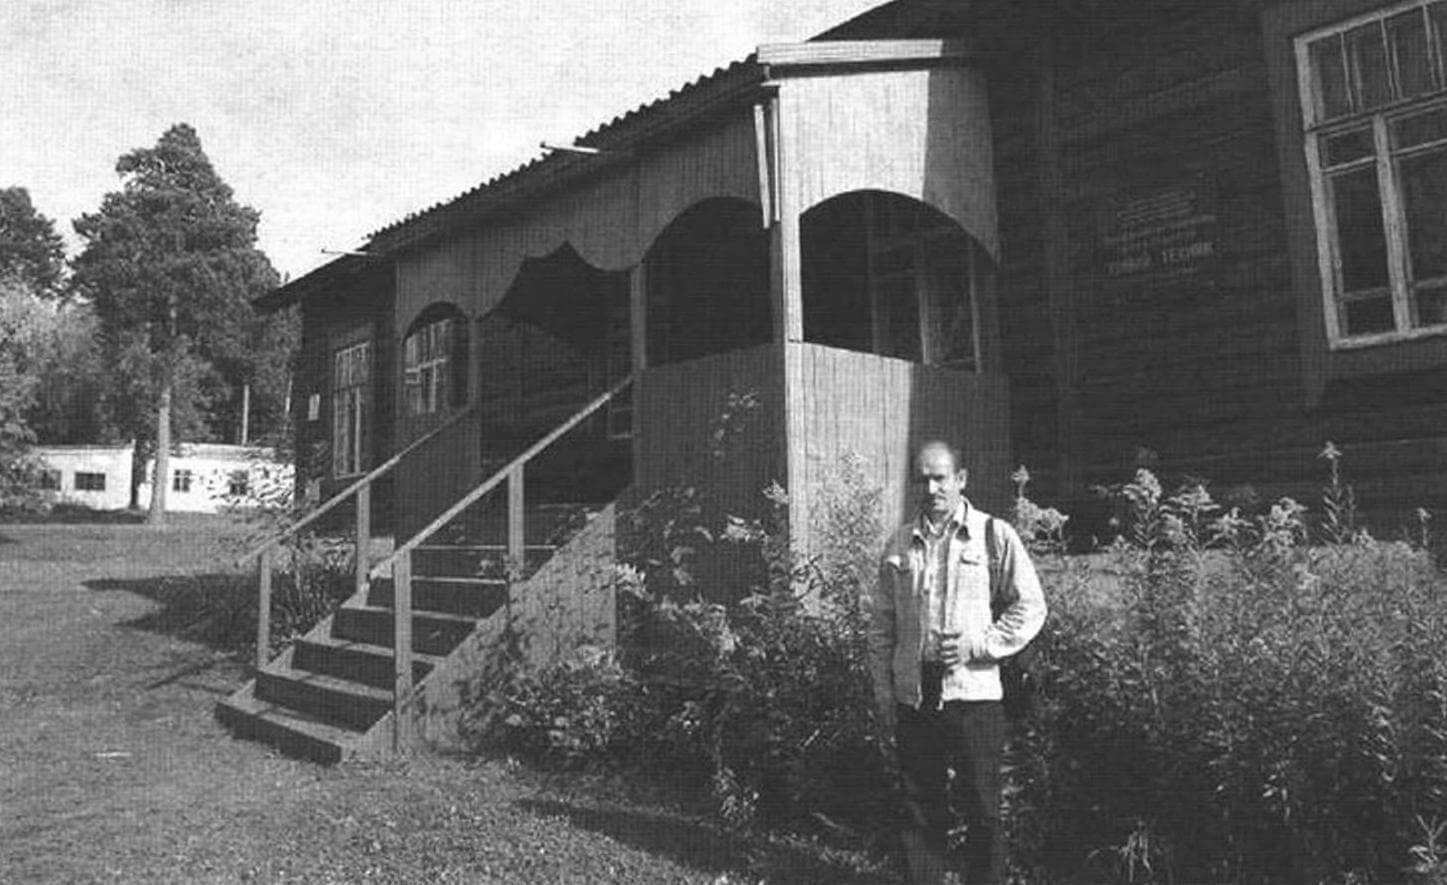 Анатолий Васильевич Матвейчук - первый директор СЮТ, руководивший ею 14 лет, у здания станции (сентябрь 2011 года, СЮТ пока еще не закрыта)